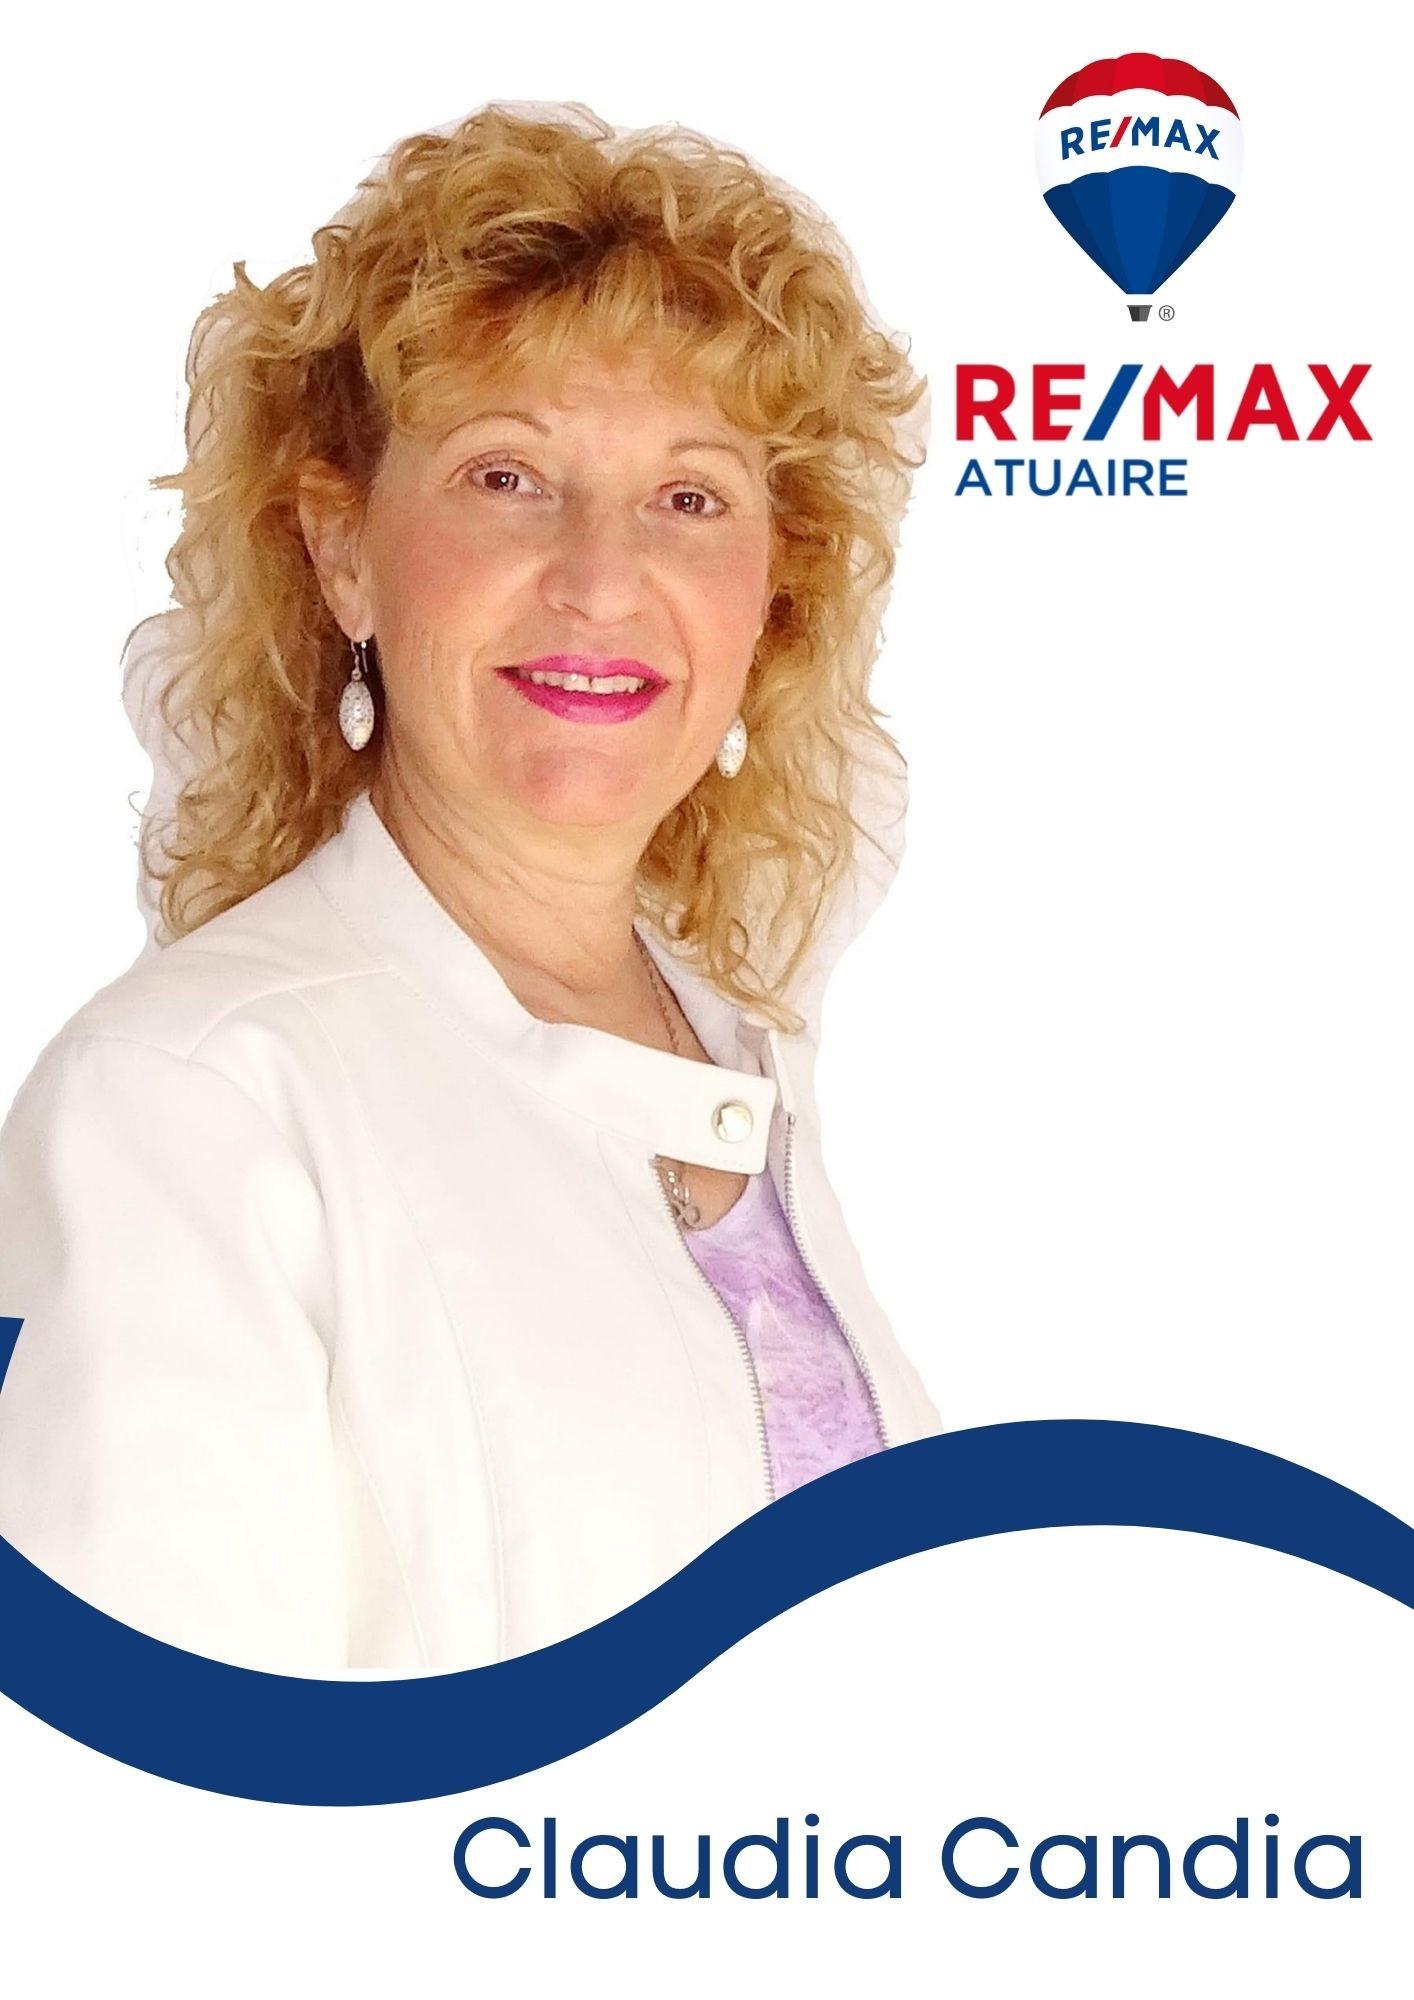 Claudia Candia Falivene